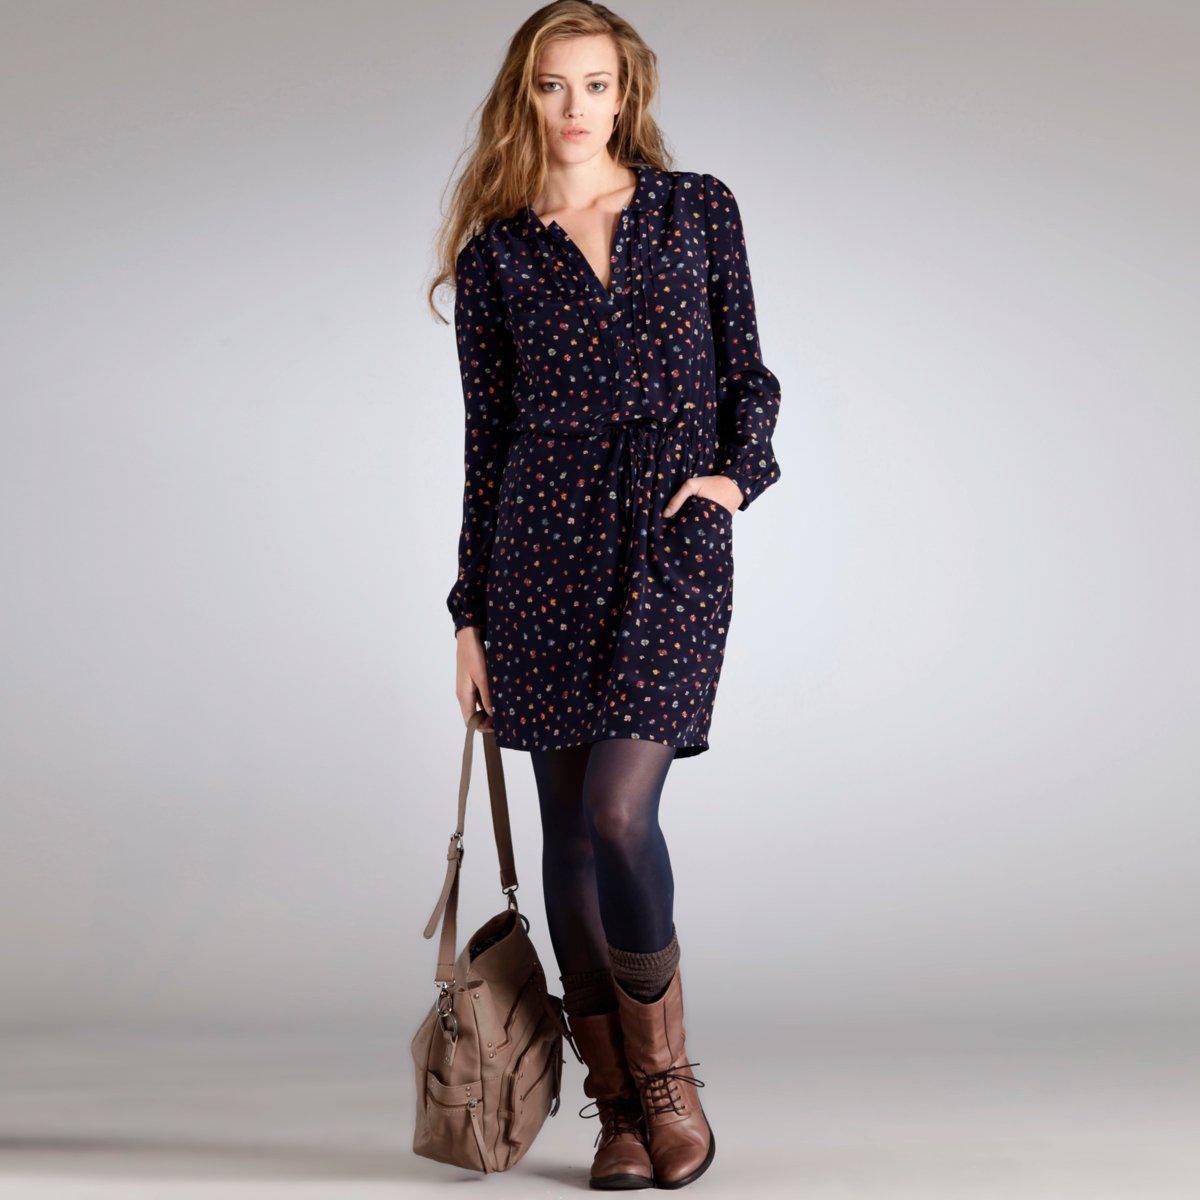 Βραδυνα Φορεματα LaRedoute Φθινόπωρο 2011 Κωδ. 324209745 e7a40214c62